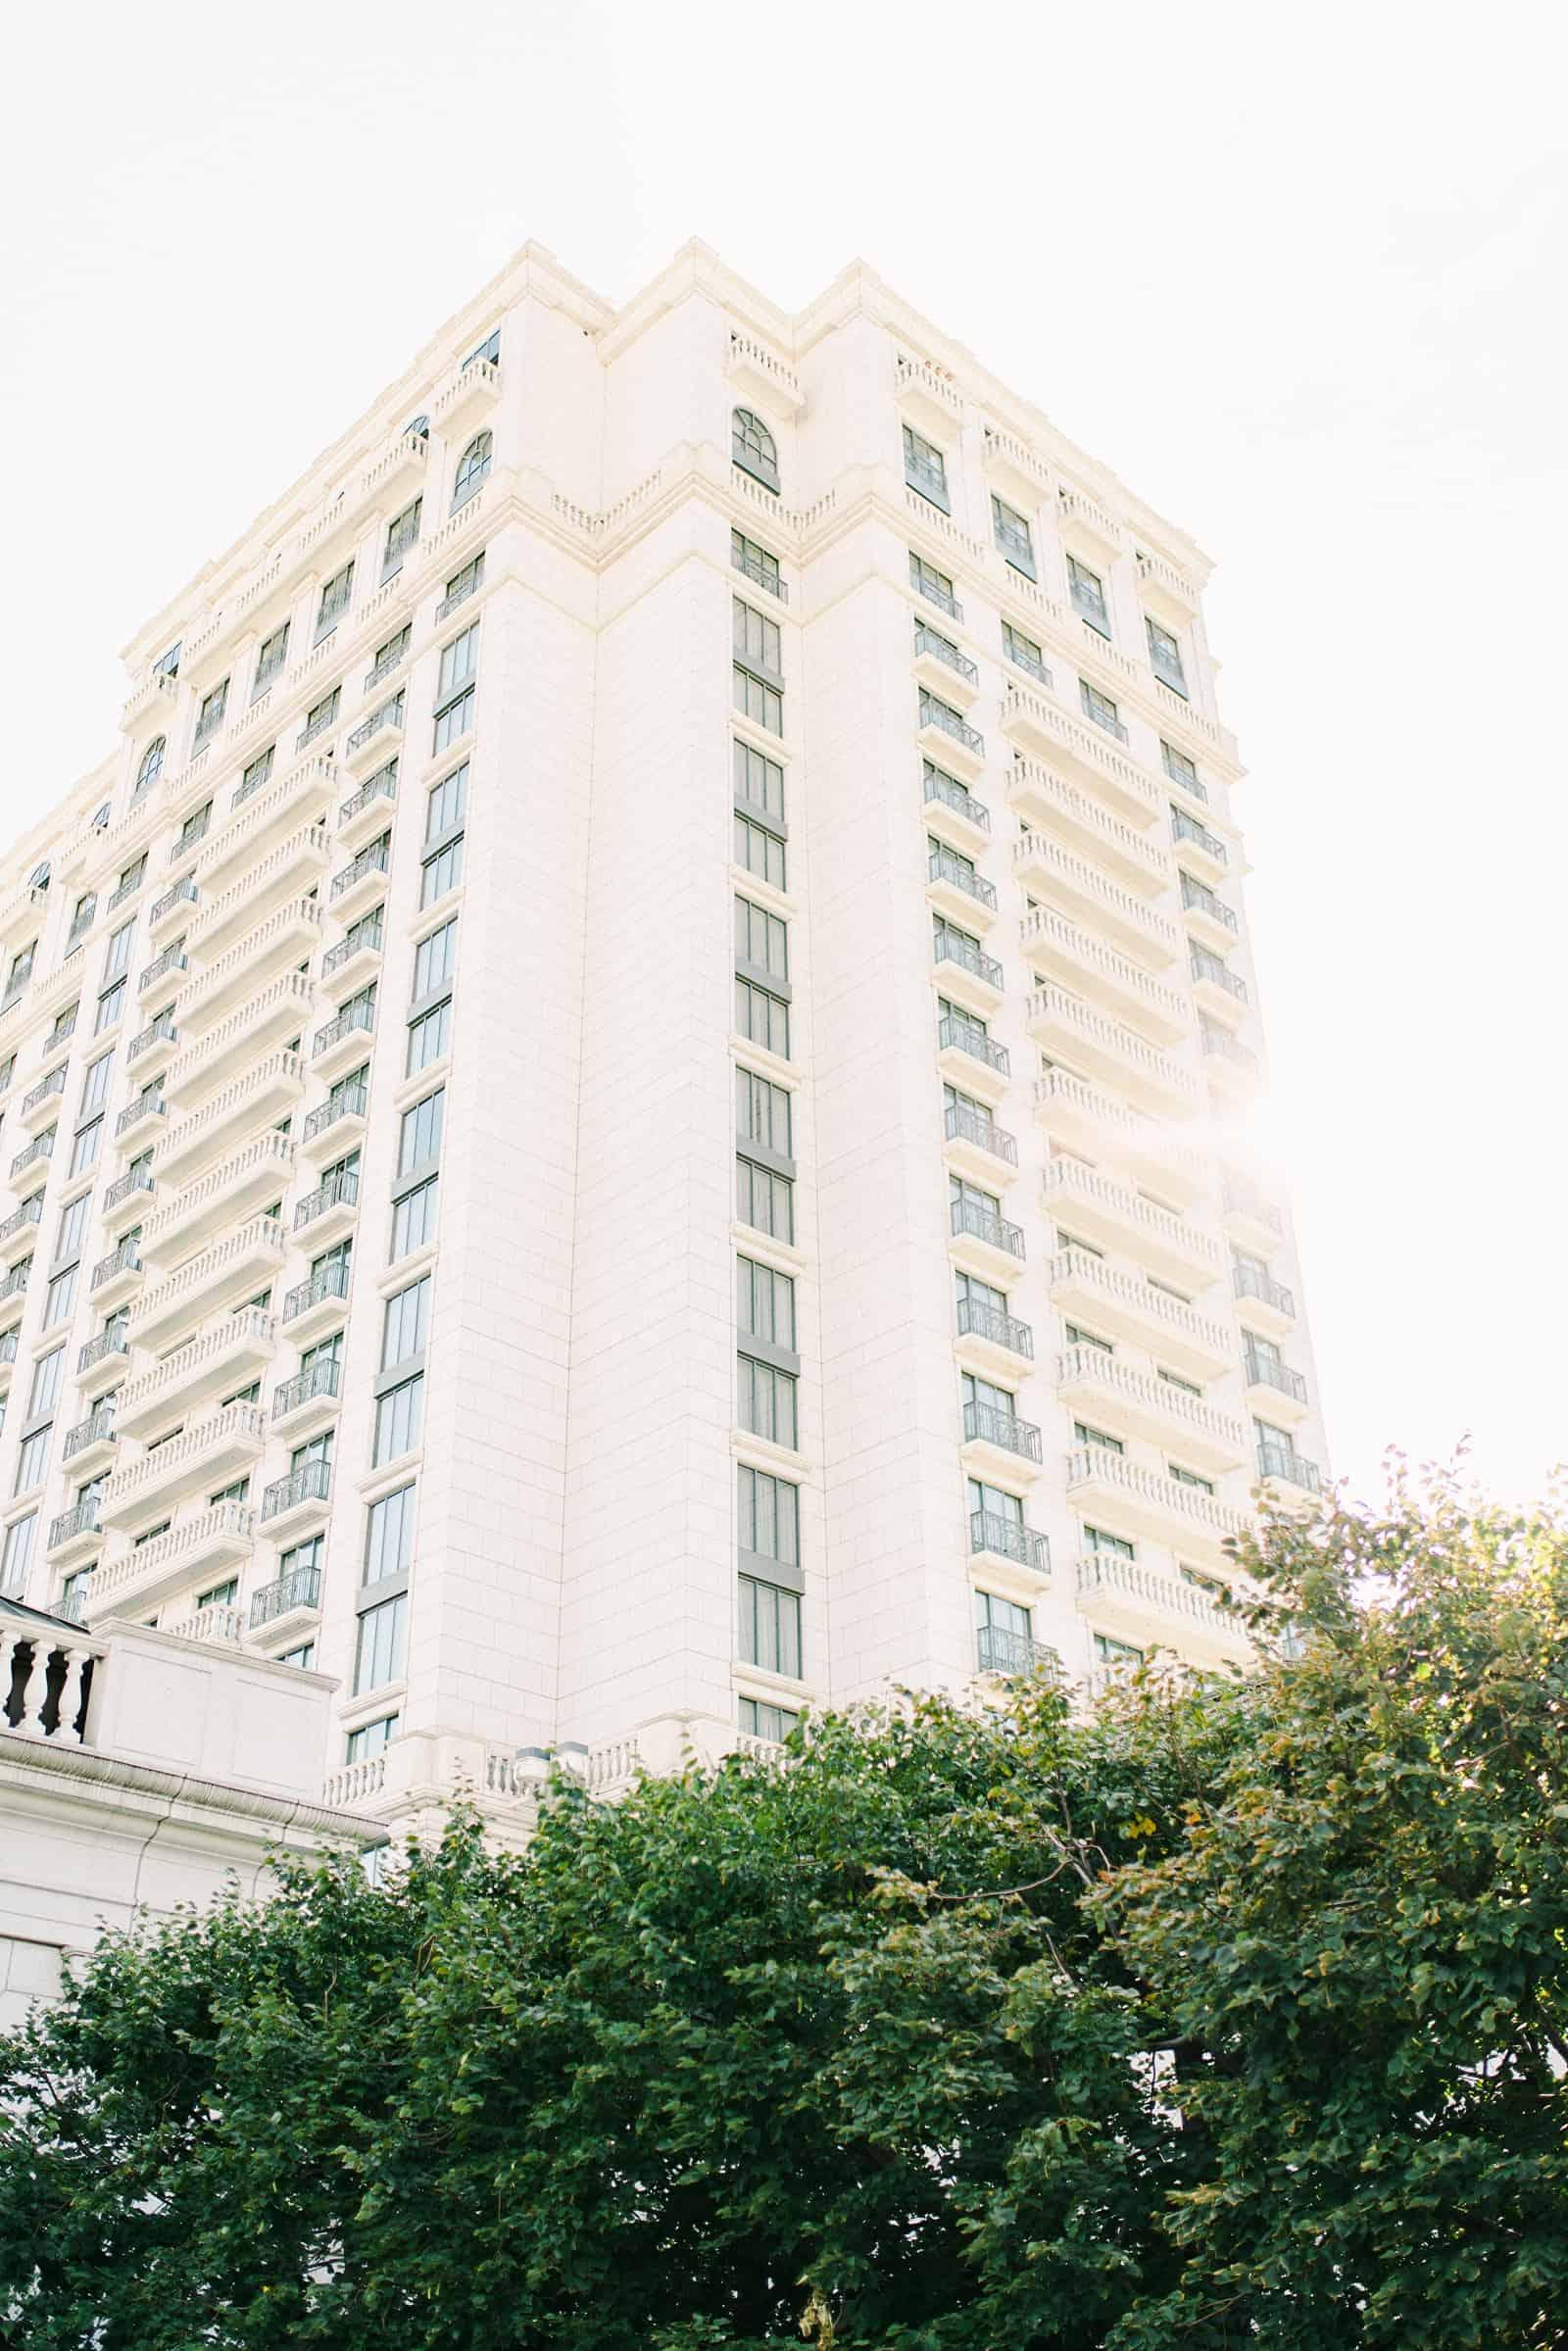 The Grand America Hotel in Salt Lake City, Utah